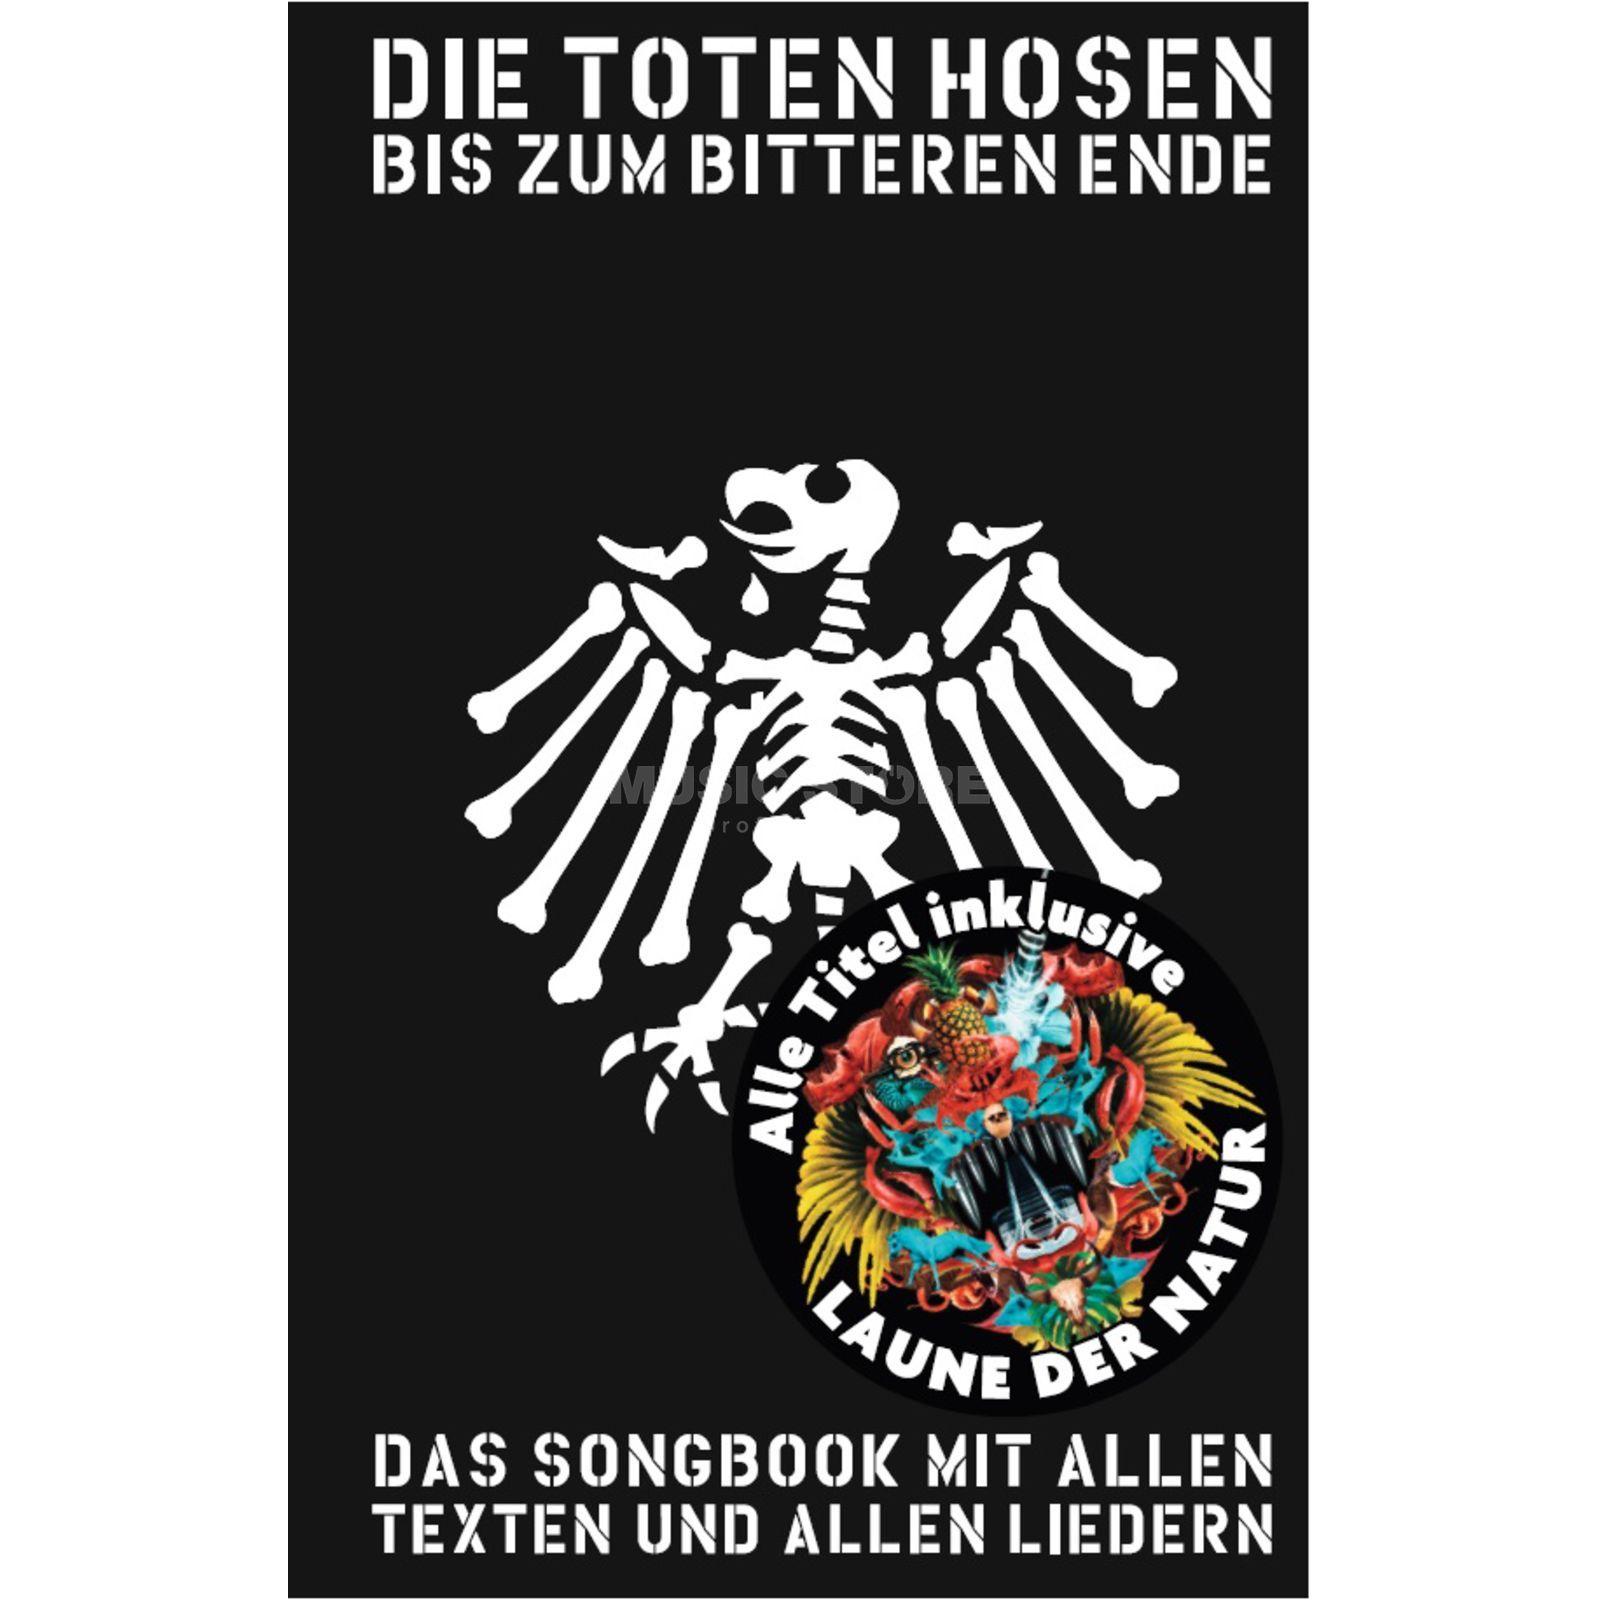 Hosen Toten Die TexteLyrics2019 01 02 0vmNnwO8